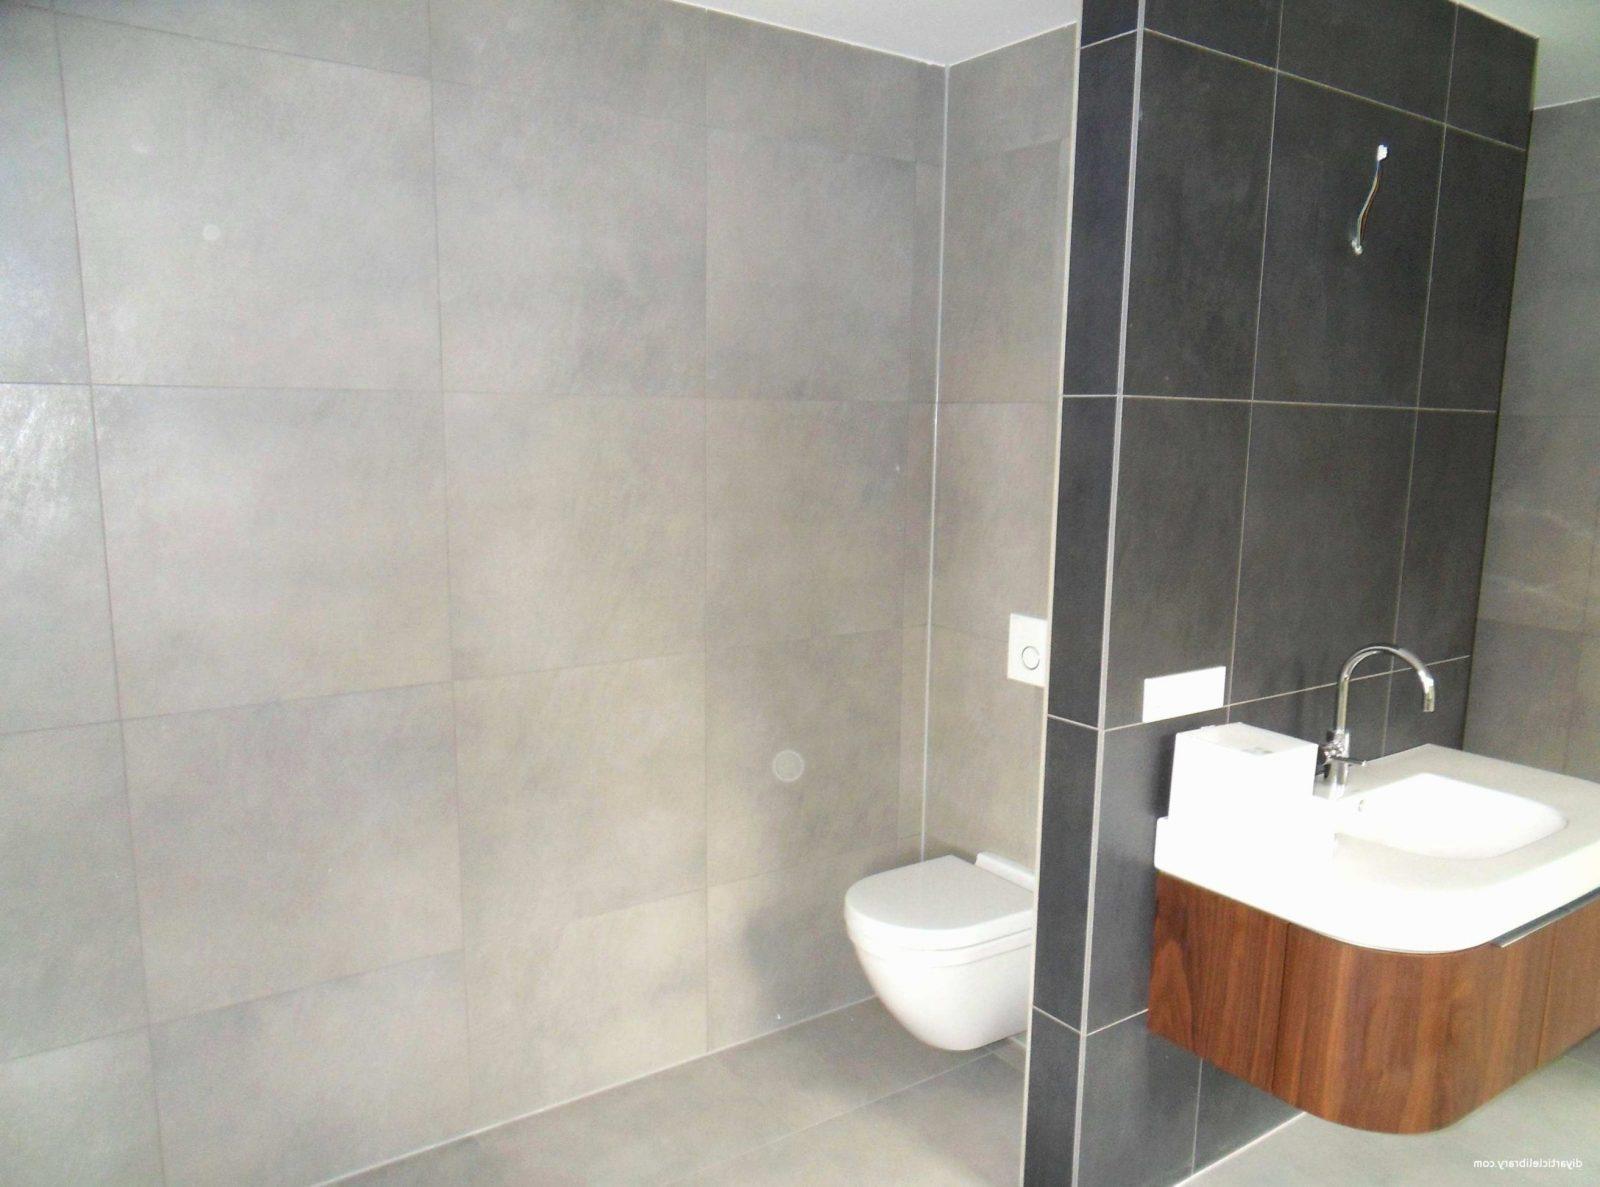 Kleines Badezimmer Ohne Fenster Gestalten  Wohndesign von Kleines Bad Ohne Fenster Gestalten Bild